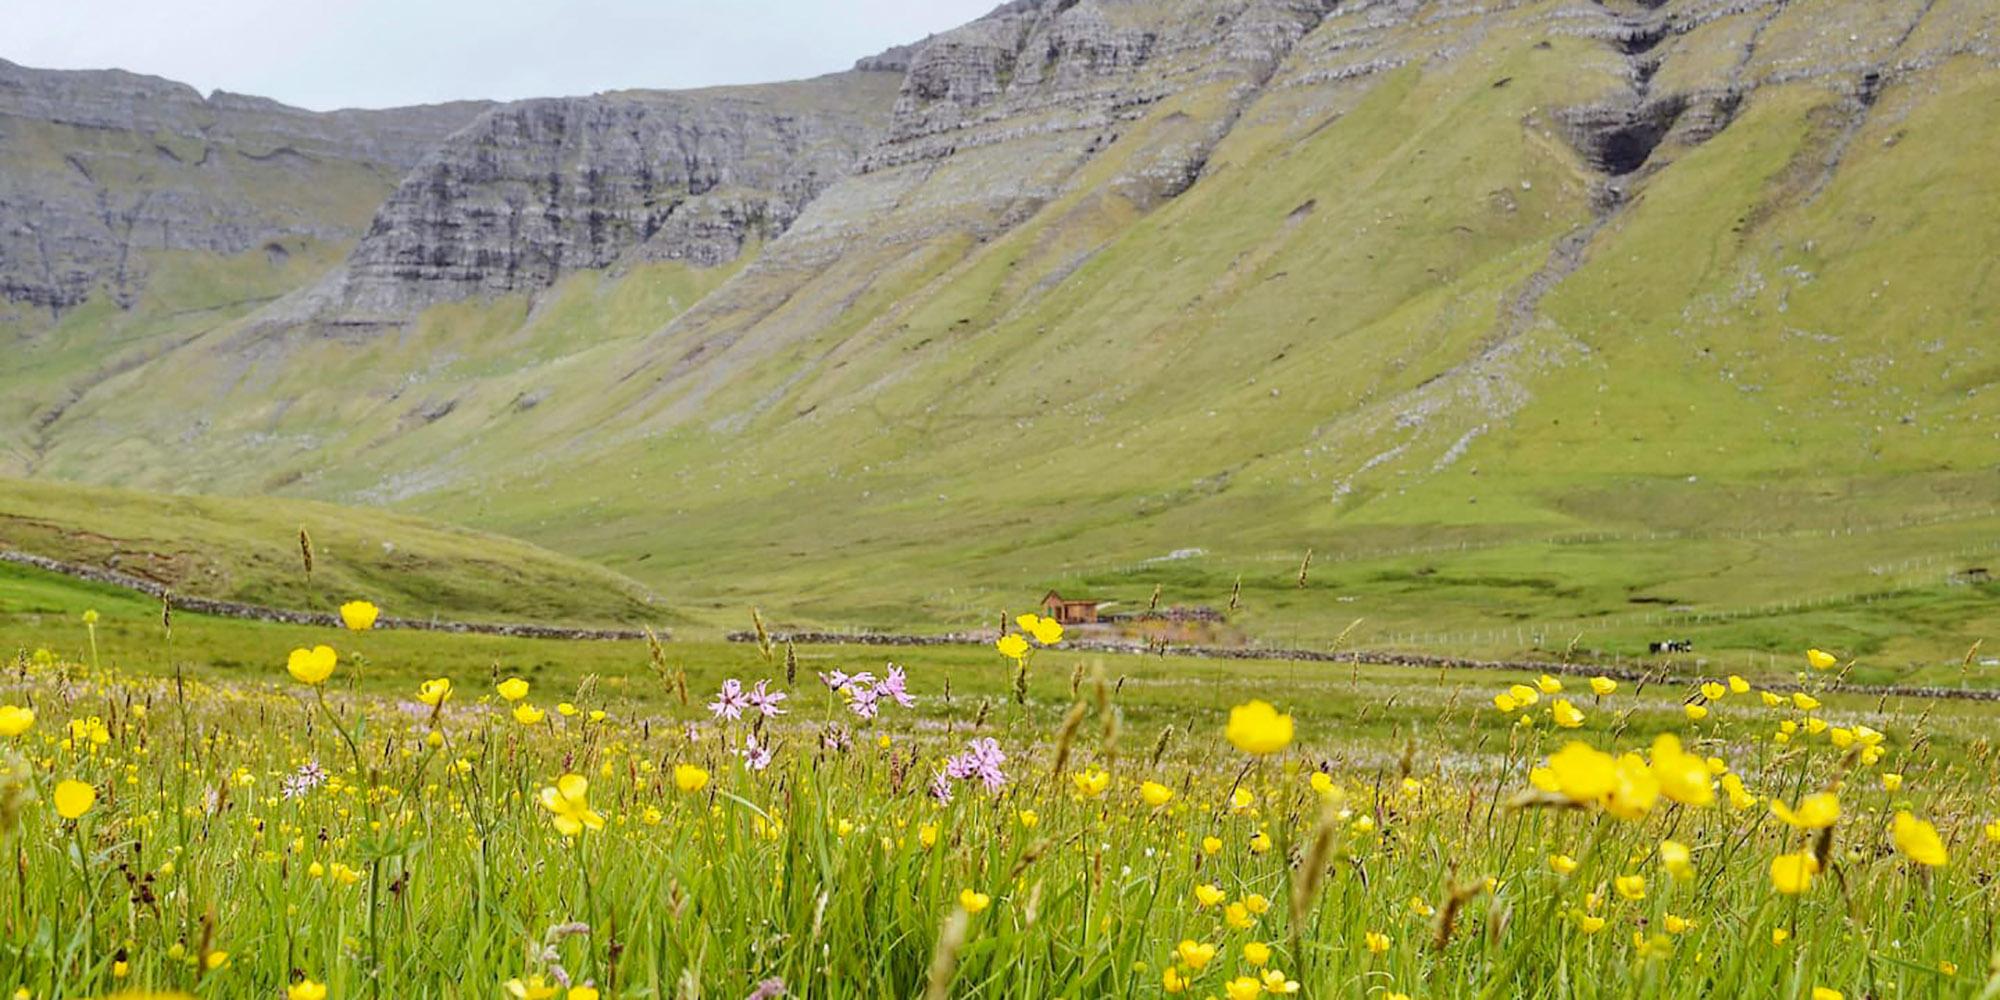 Discove the Faroe Islands: green fields